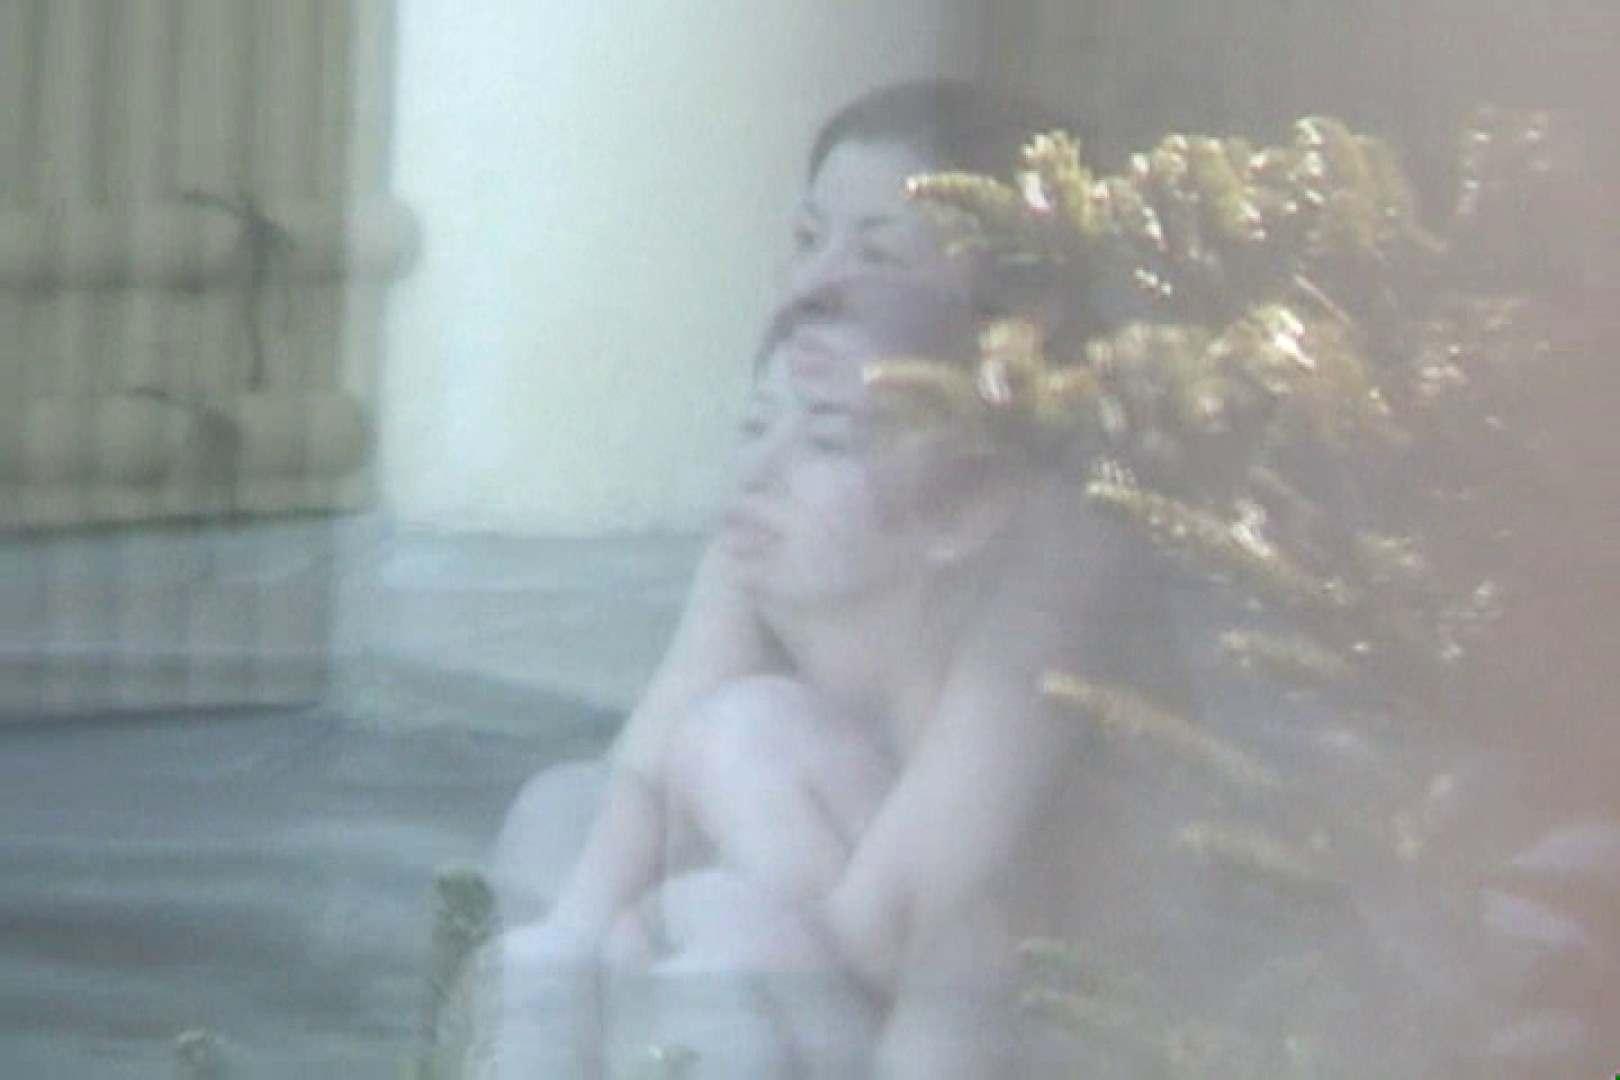 Aquaな露天風呂Vol.559 OLのエロ生活 | 盗撮  51連発 34